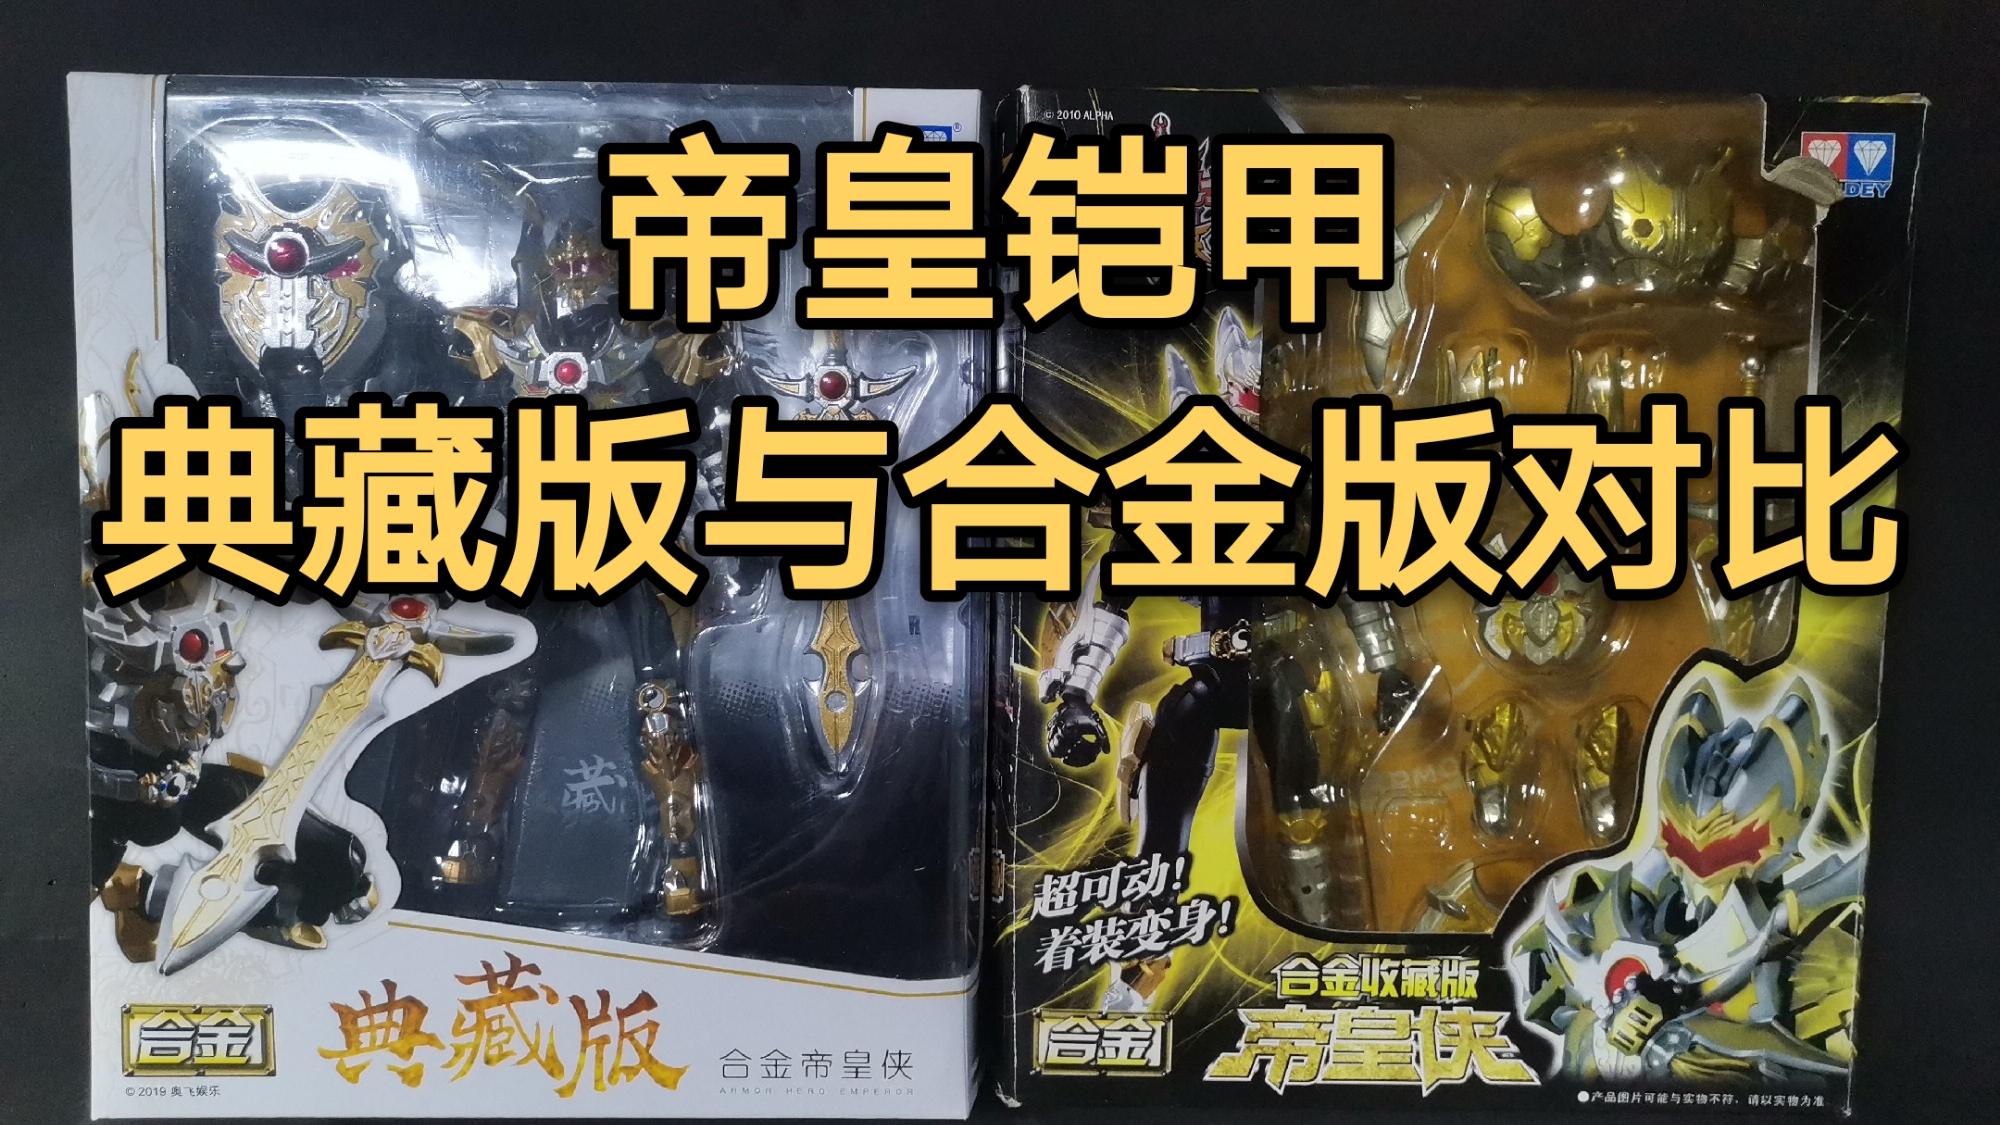 【铠甲勇士】帝皇侠典藏版与初代合金版对比